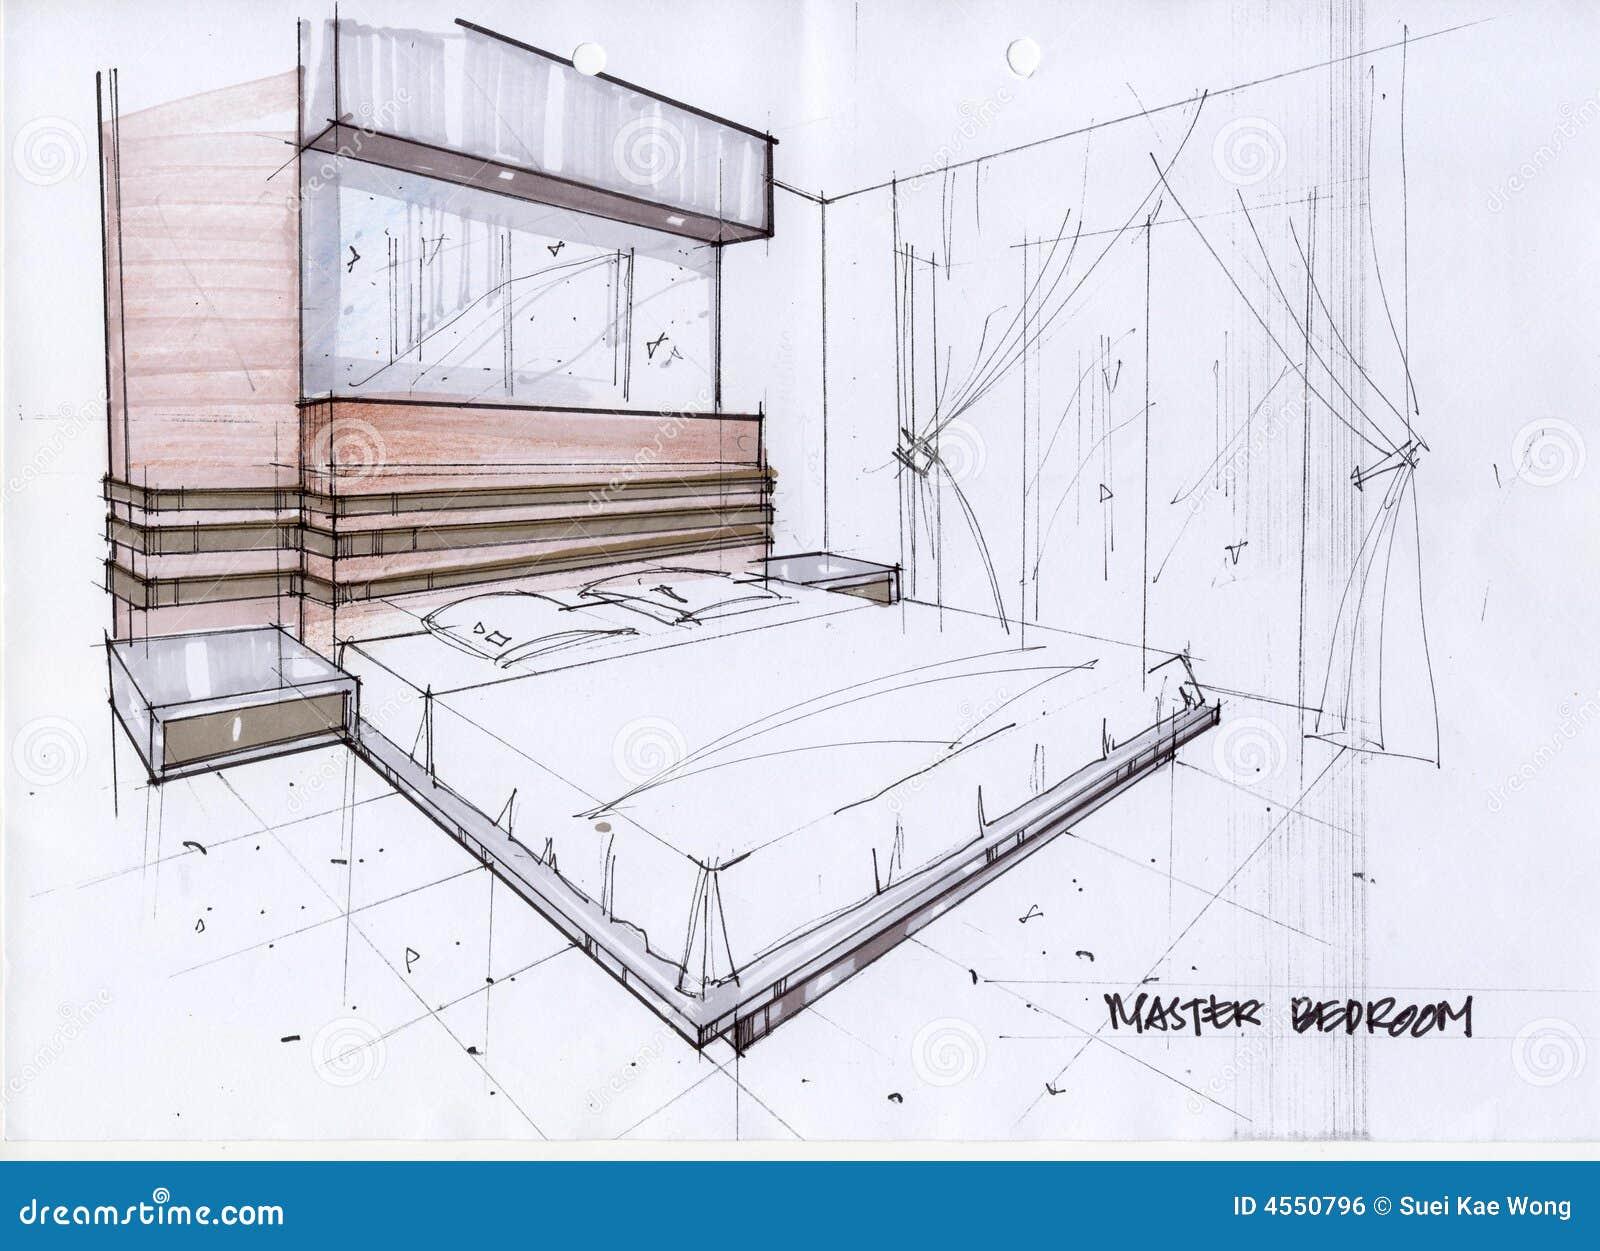 Illustrationförlagen för sovrummet 3d skissar